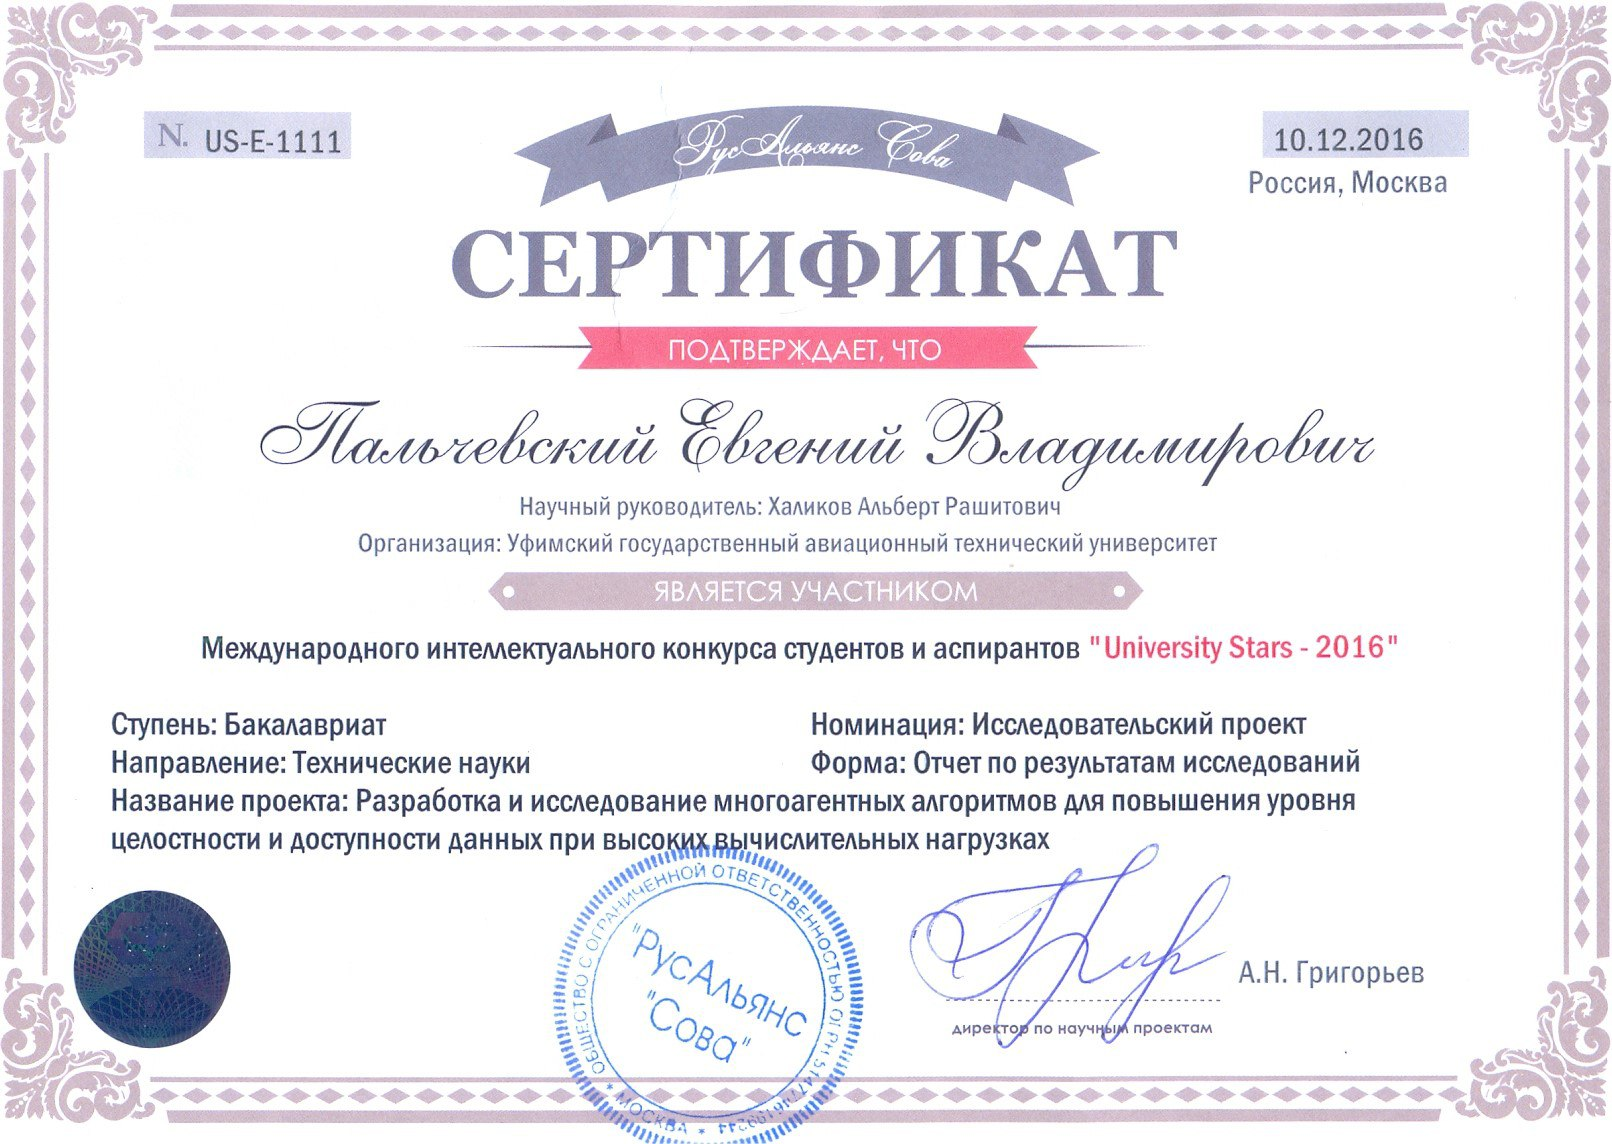 Пальчевский Евгений Владимирович Грамоты и награды Диплом 1 ой степени в международной научно технической конференции посмотреть 19 Диплом 1 ой степени в международной